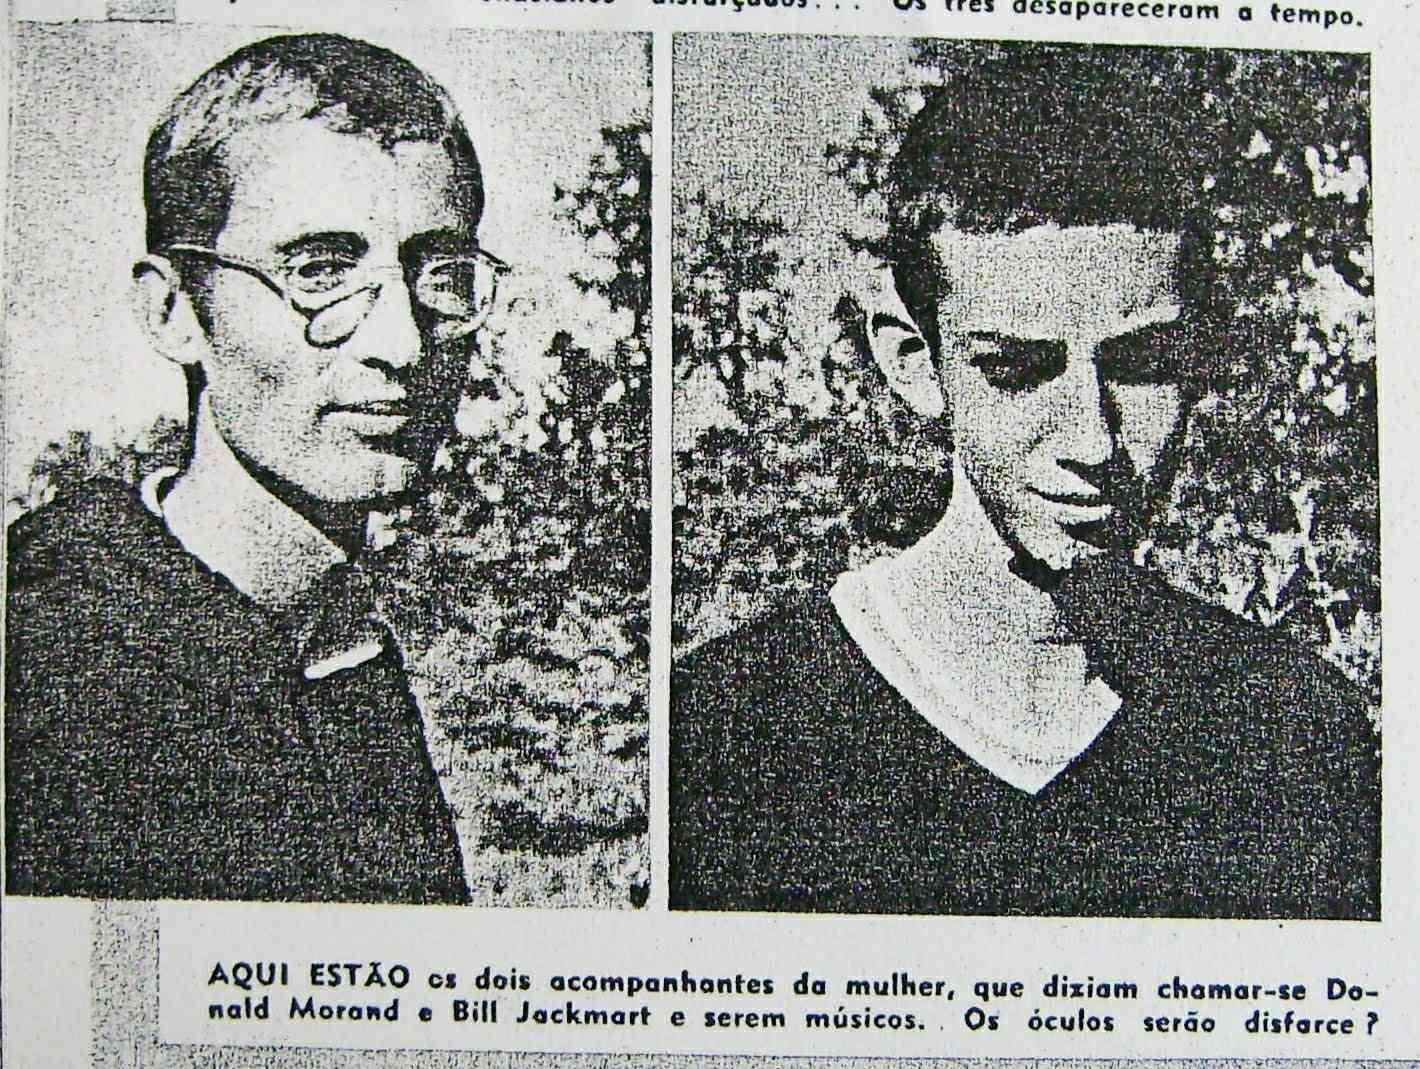 Ο Ντόναλντ Μόραντ και ο Μπιλ Τζάκμαρτ, αμφότεροι ισχυρίστηκαν ότι είναι μουσικοί που ζουν στο Μανχάταν Μπιτς της Καλιφόρνια.